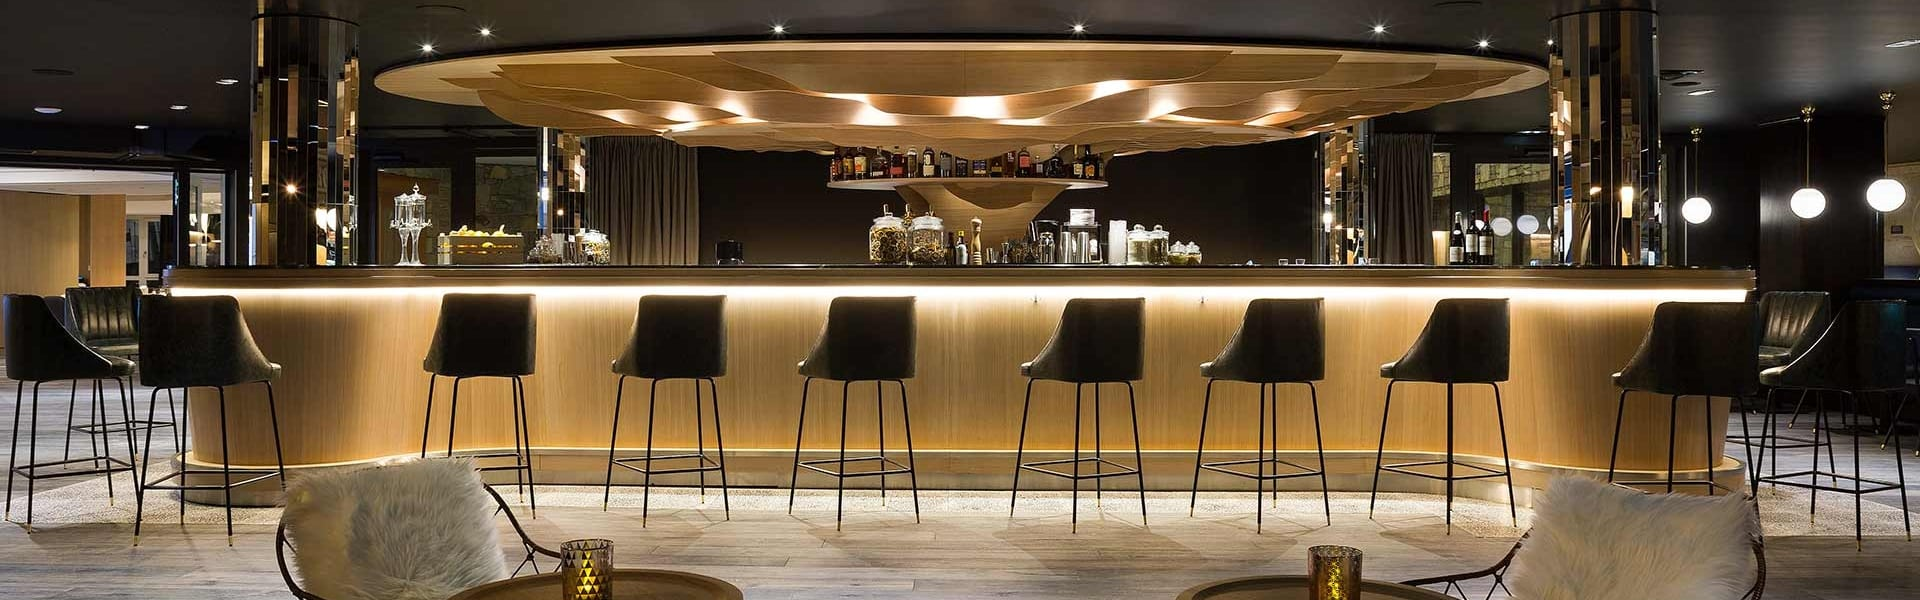 Araucaria Hotel & Spa La Plagne - bar